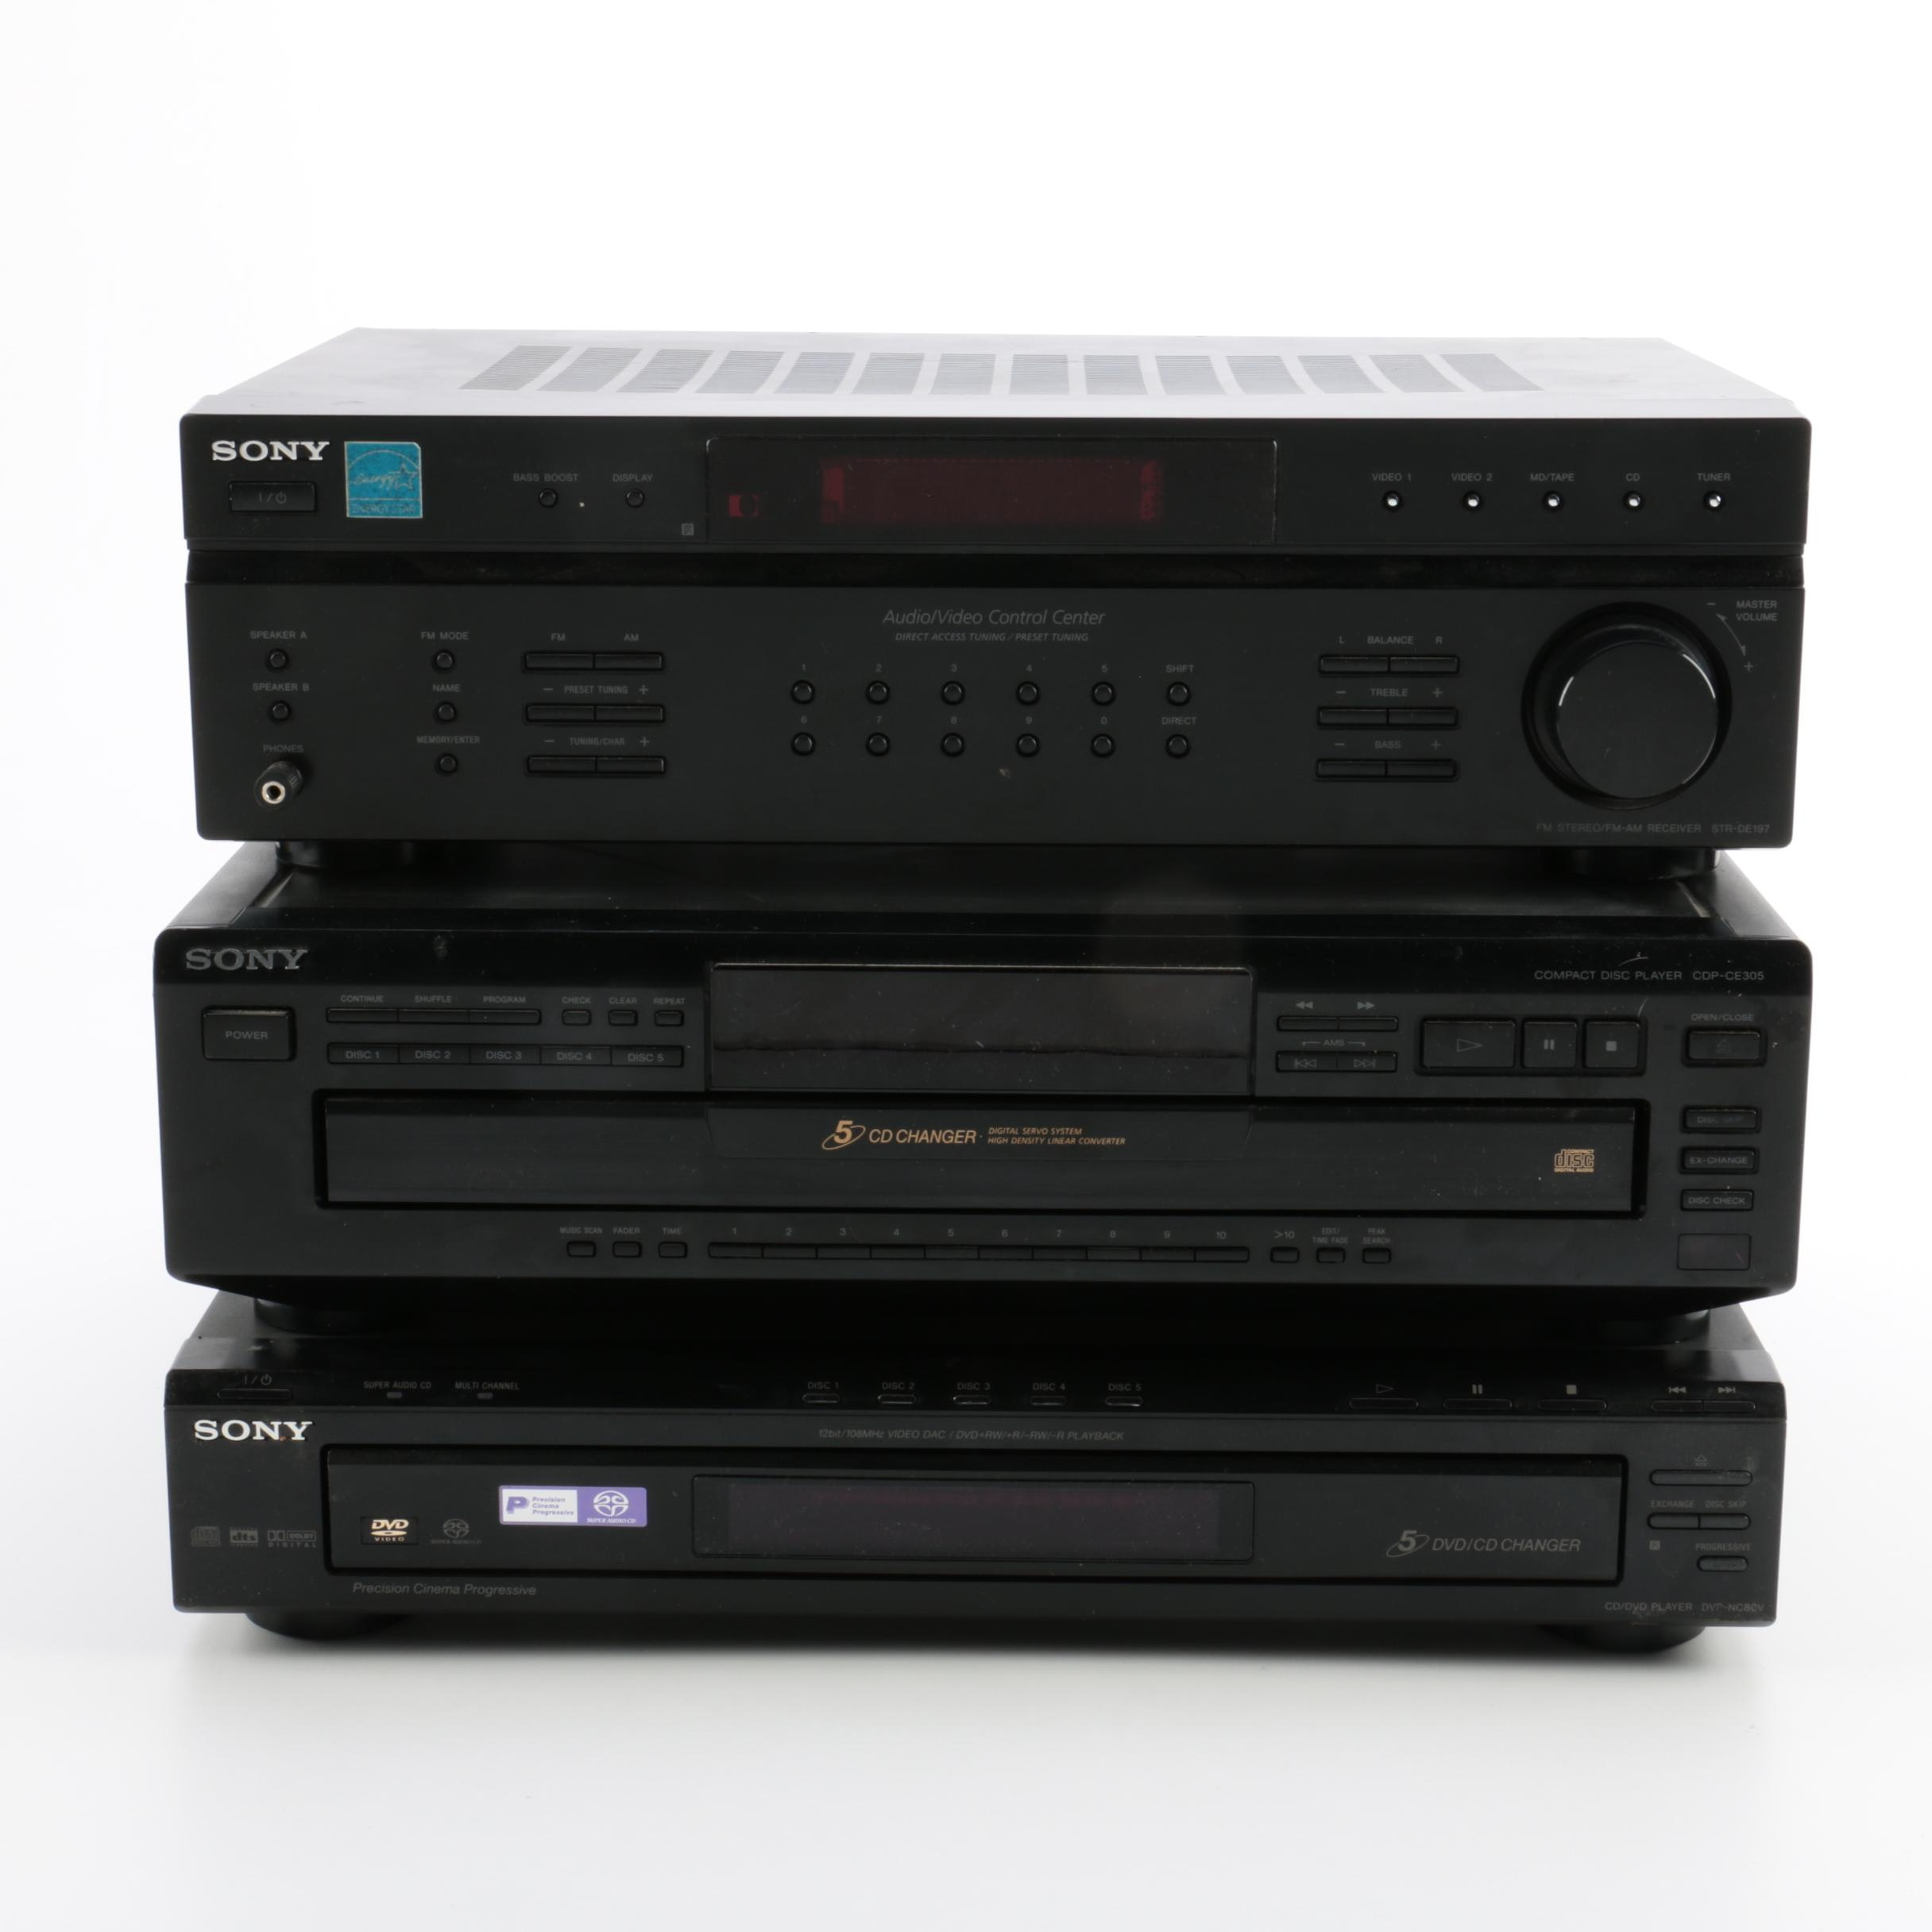 Sony AV Control Center, DVD Player, and 5-CD Changer